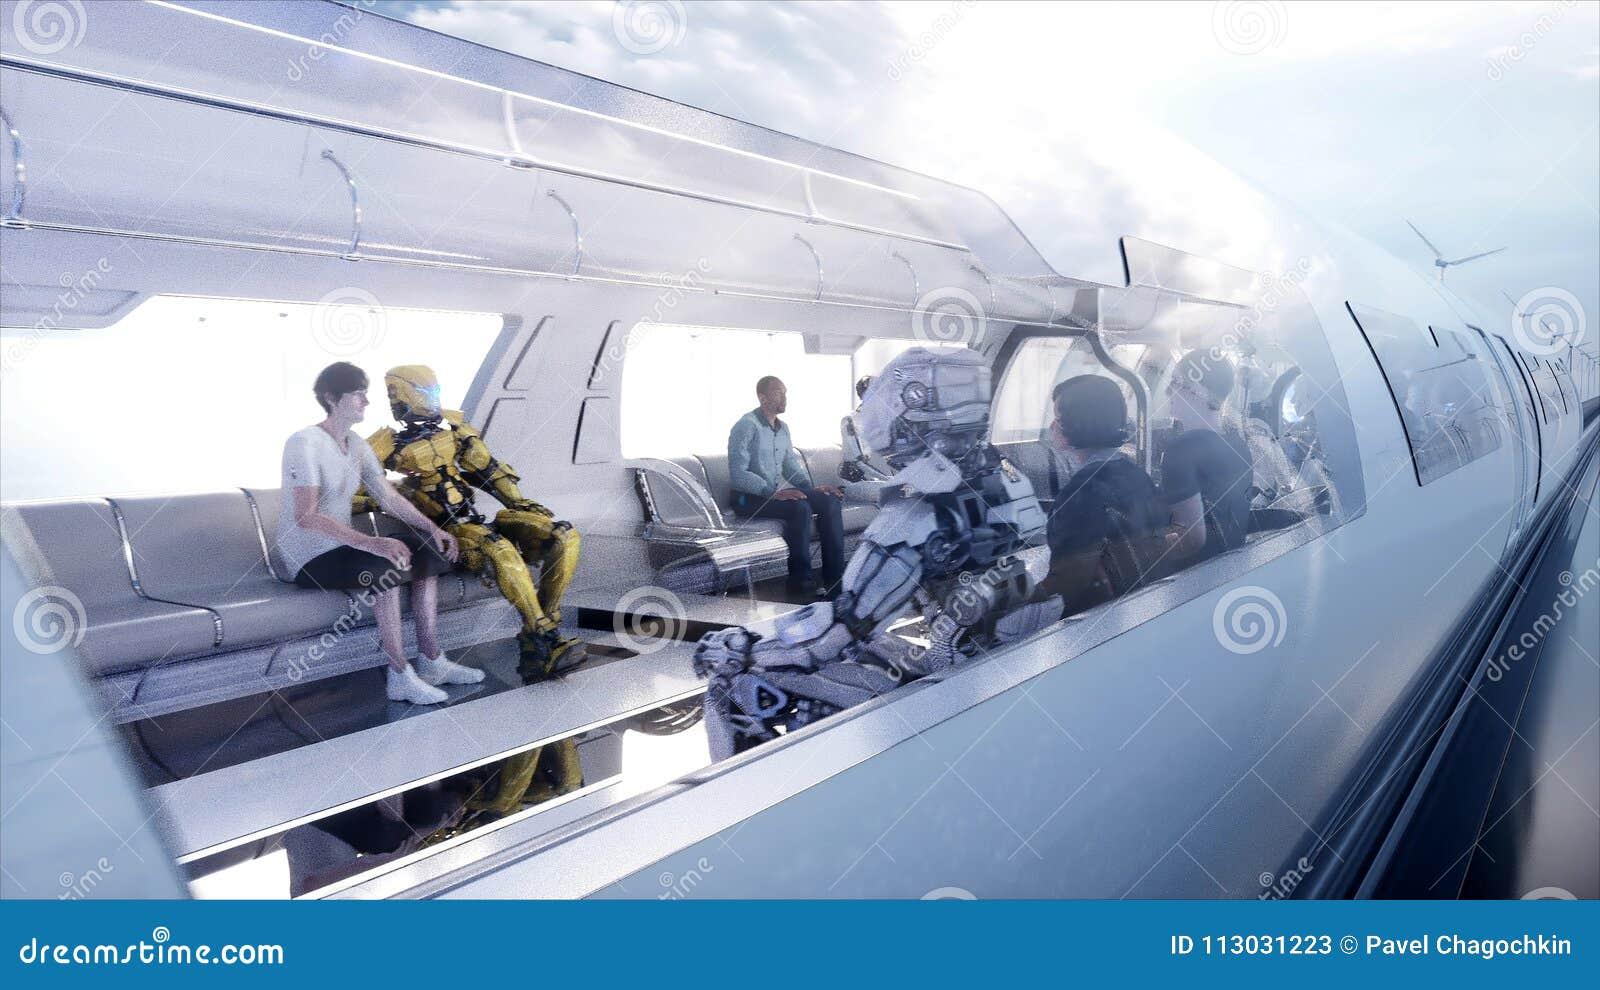 Speedly未来派单轨铁路车火车 科学幻想小说驻地 未来的概念 人们和机器人 水和风能 3d